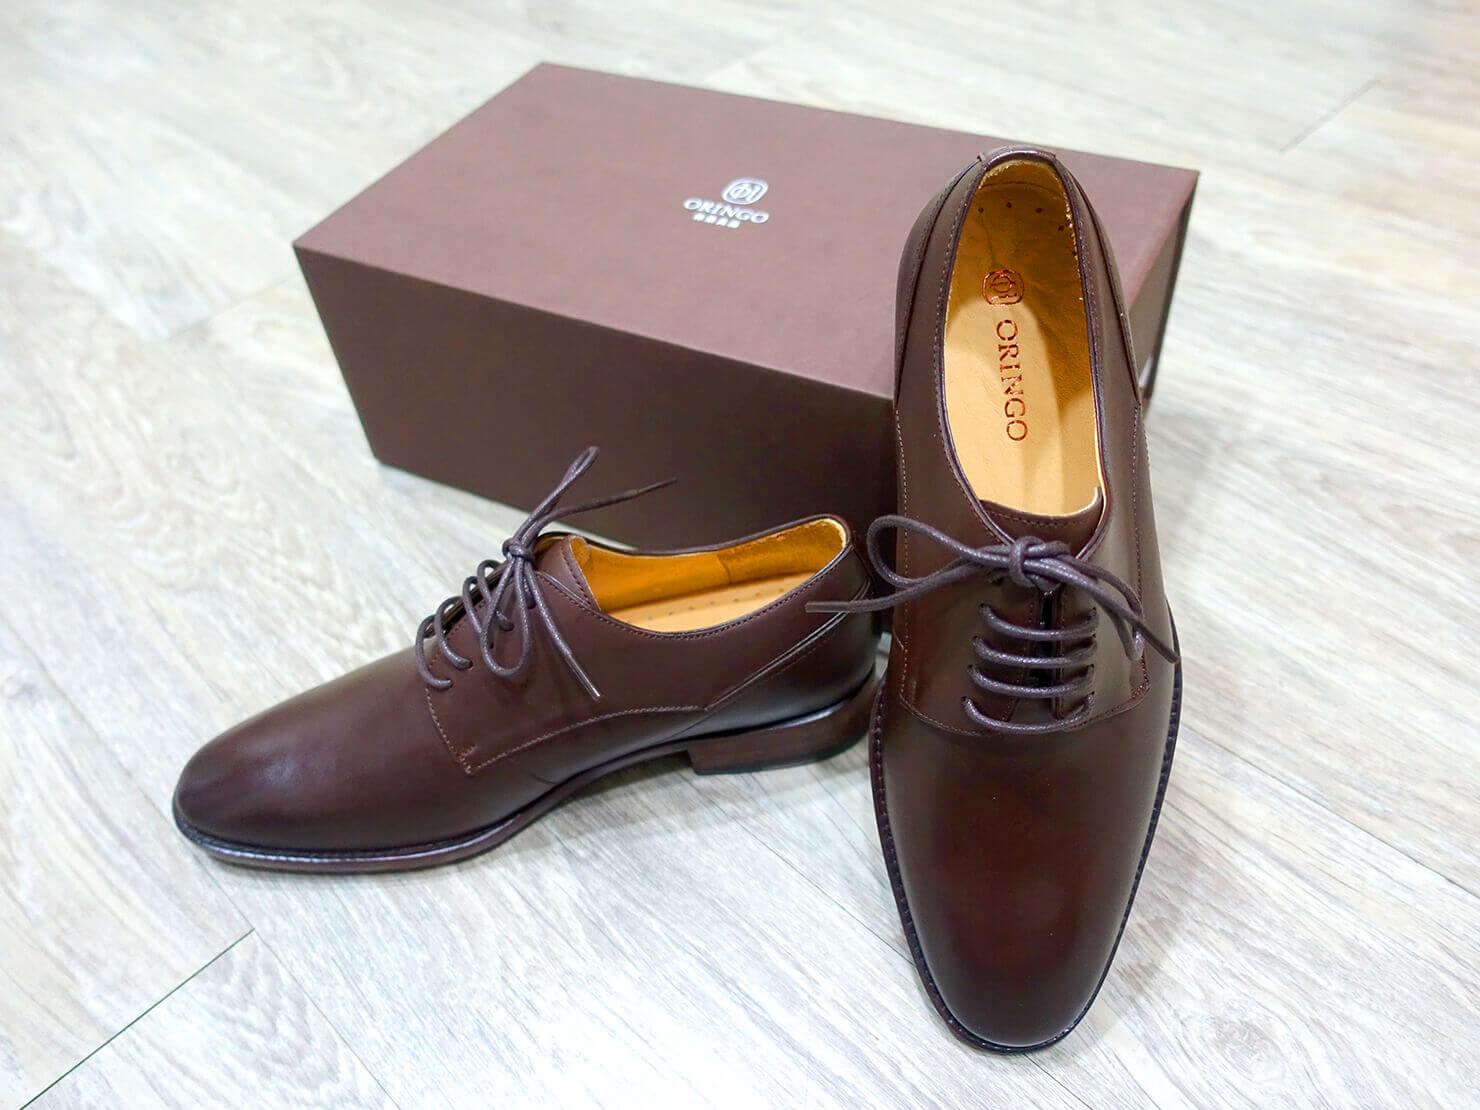 台湾のおすすめ革靴ブランド「林果良品 ORINGO」から家に宅配された鑲邊飾線德比鞋(ダービー・シューズ)